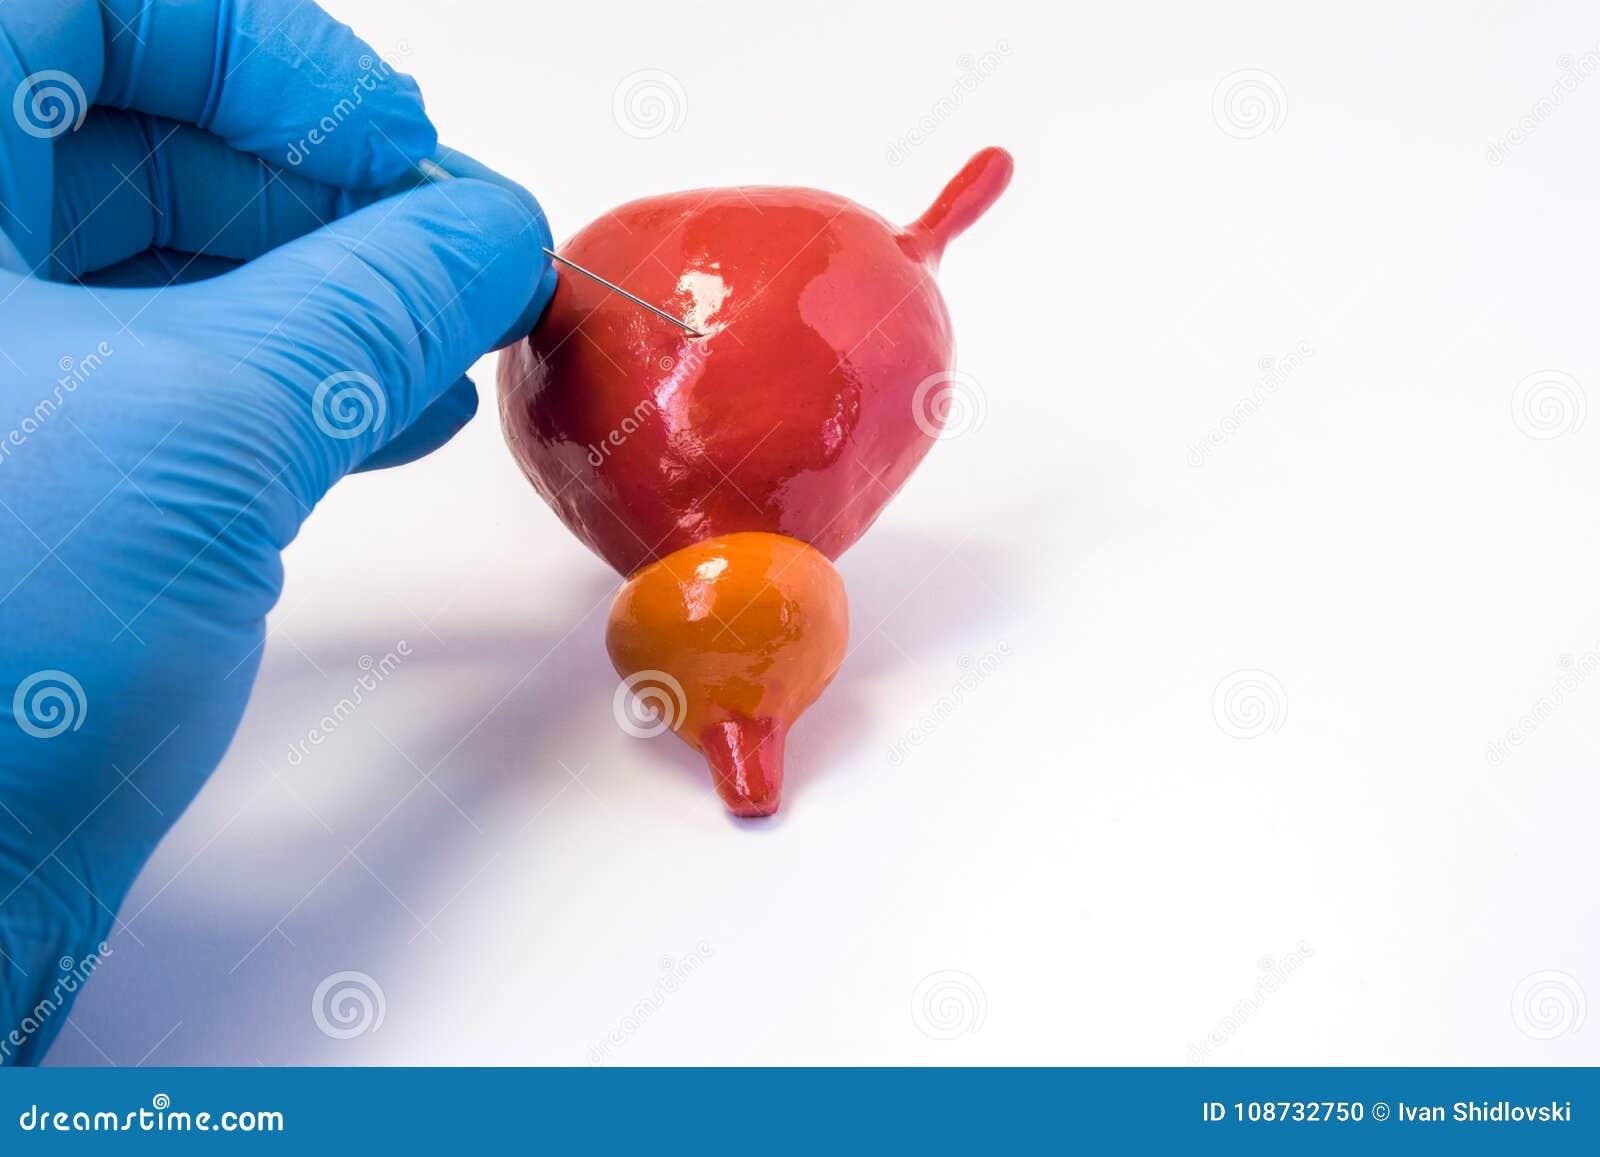 biopsia prostata sangue na urina